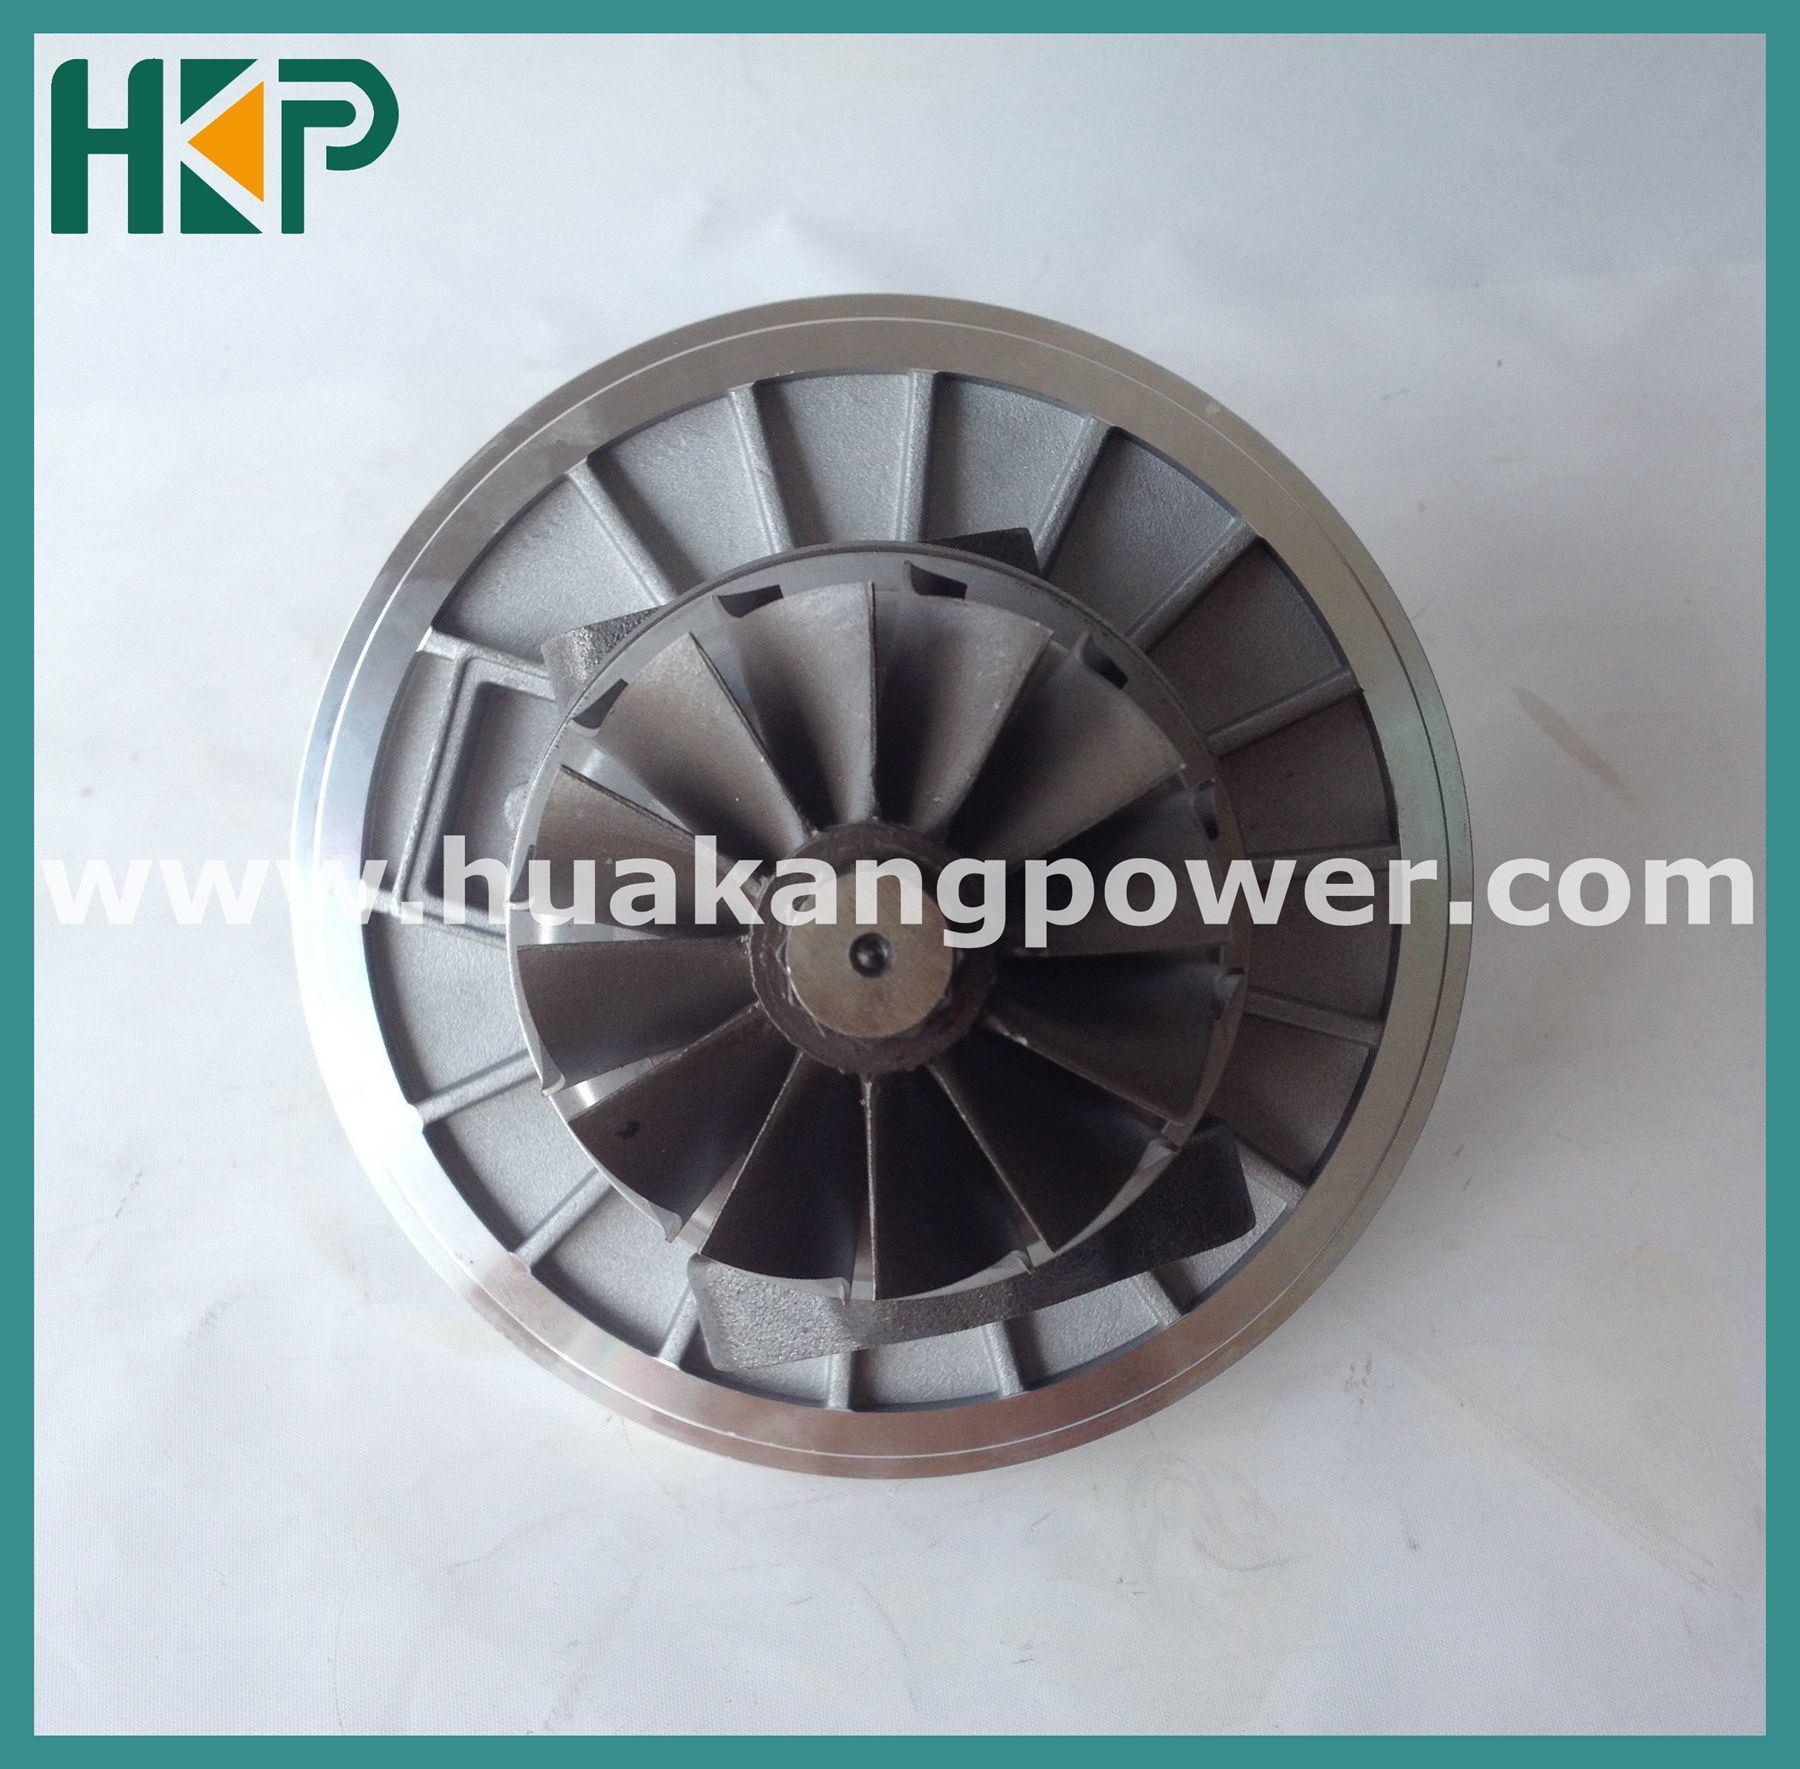 K27 Core Part/Chra/Turbo Cartridge